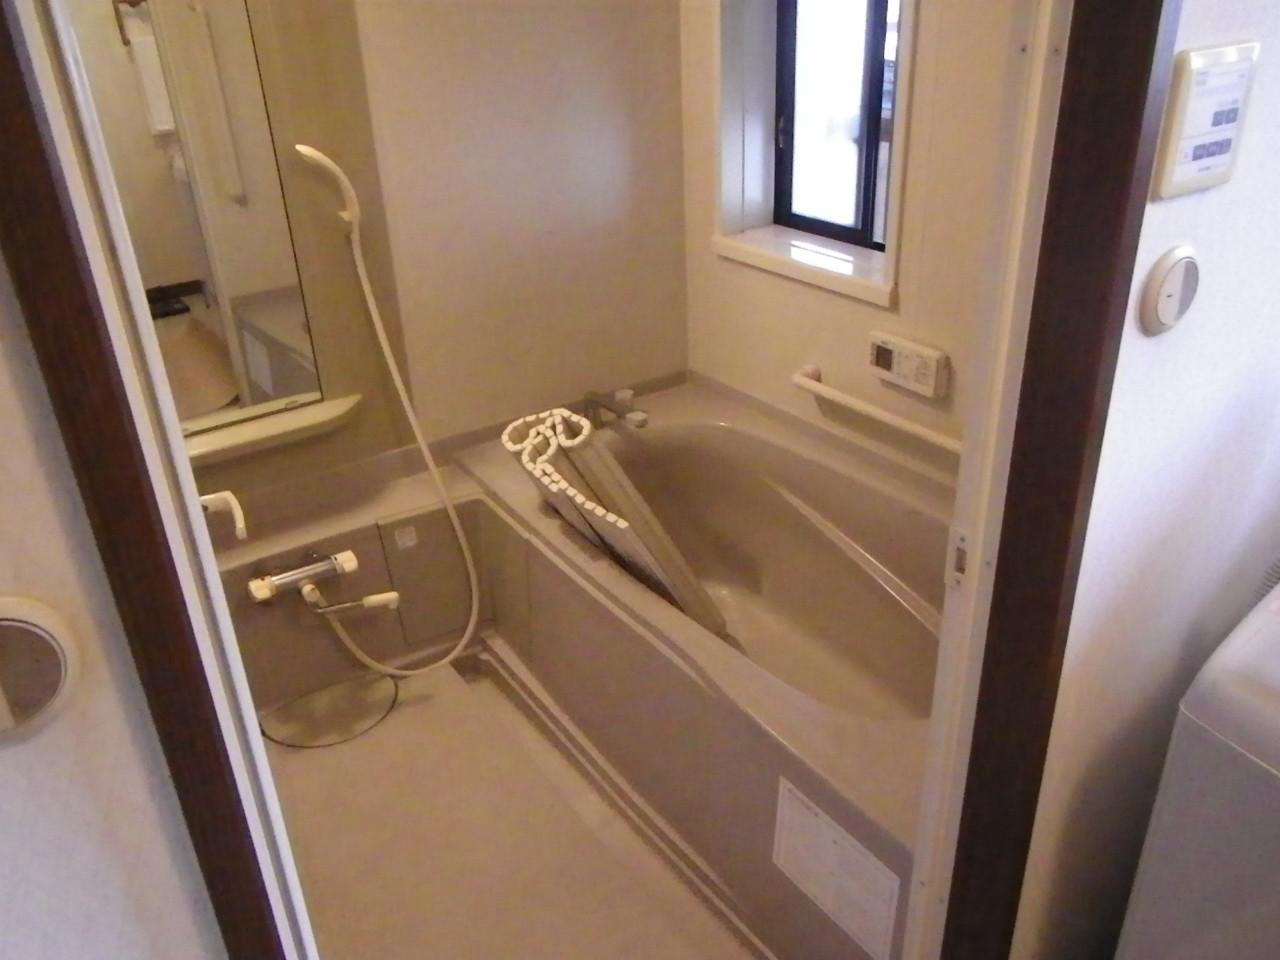 着工直前写真。きれい好きの奥様は、これから解体する浴室を隅々までお掃除されていました。写真中央に見える洗い場の溝が深く、少し危険な浴室でした。